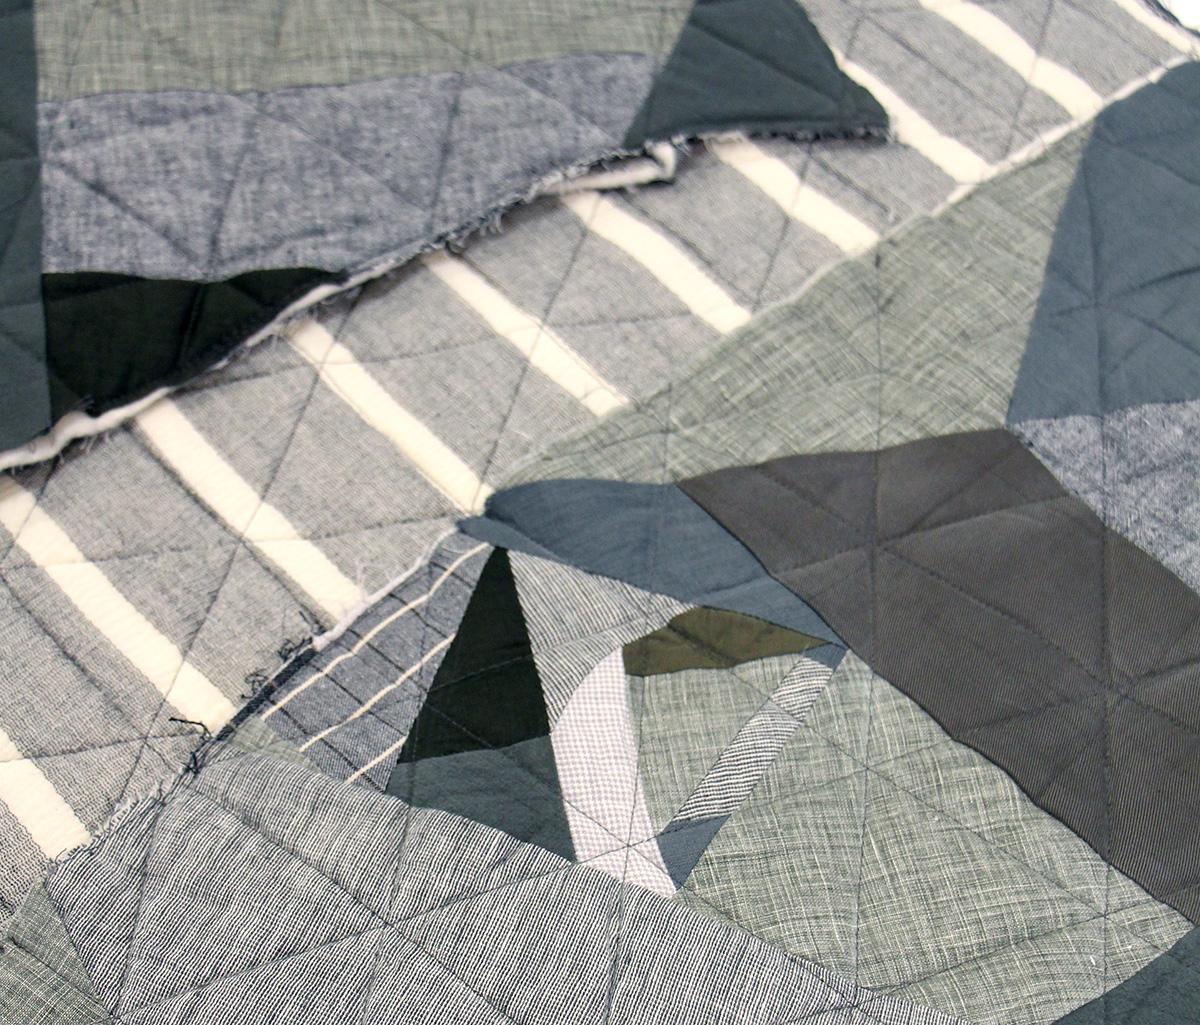 Megan Nielsen Patterns | Hovea Sewalong: Scrap Quilting | Extra Tips & Notes